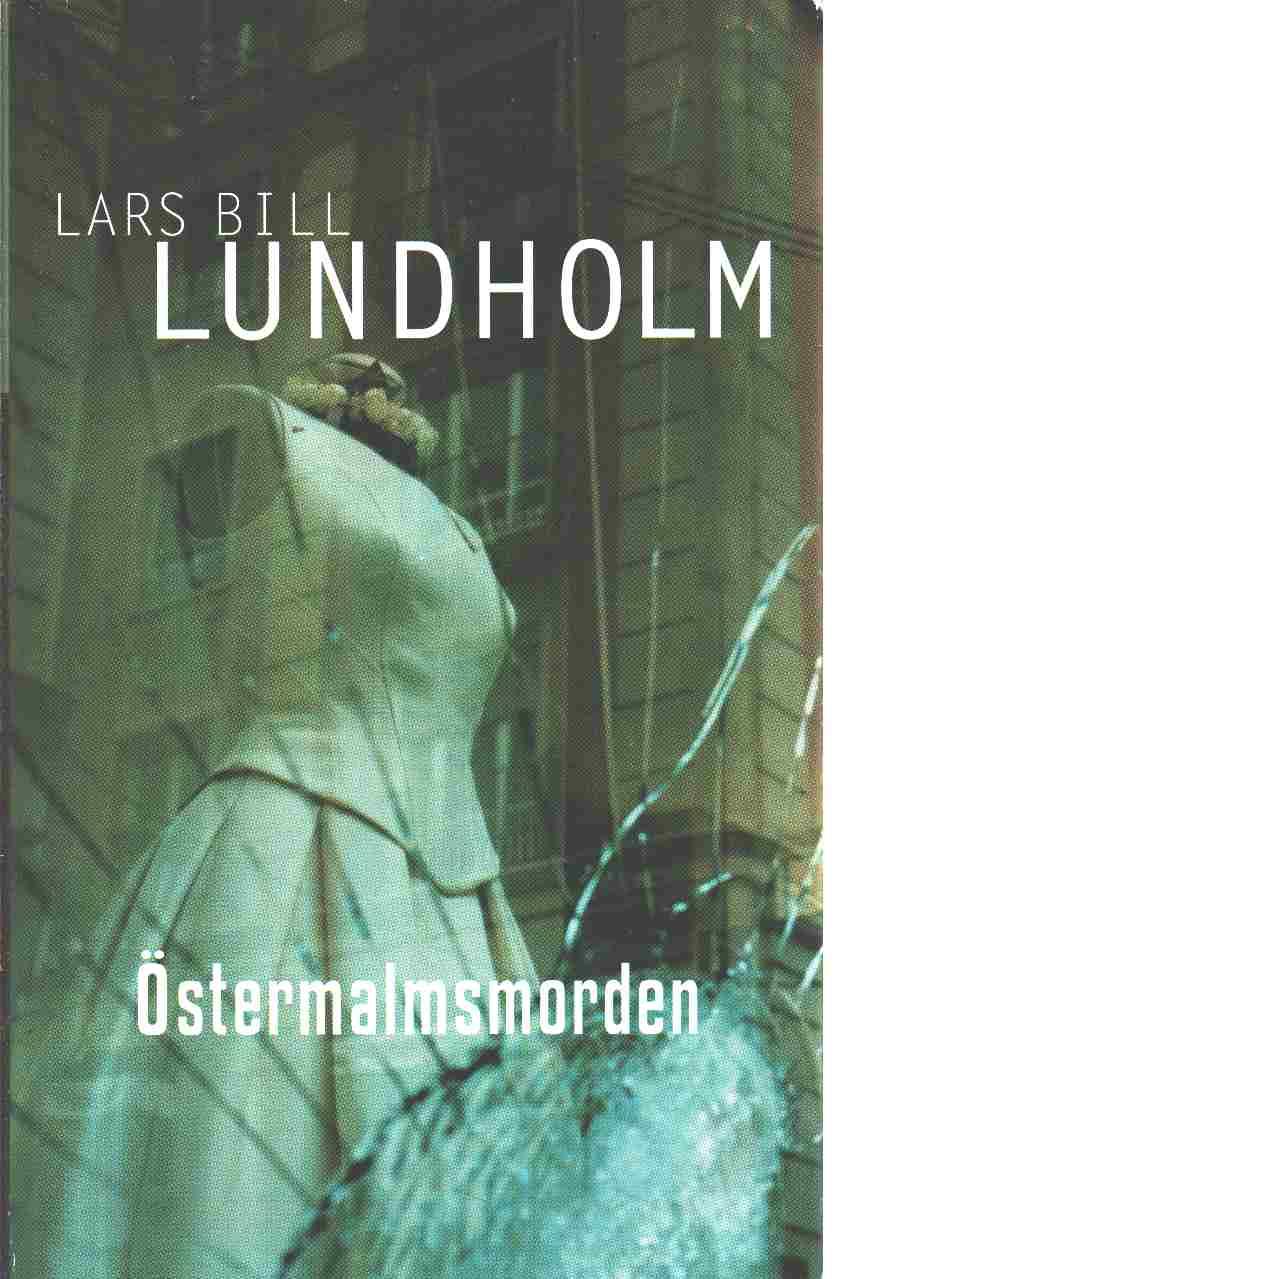 Östermalmsmorden - Lundholm, Lars Bill